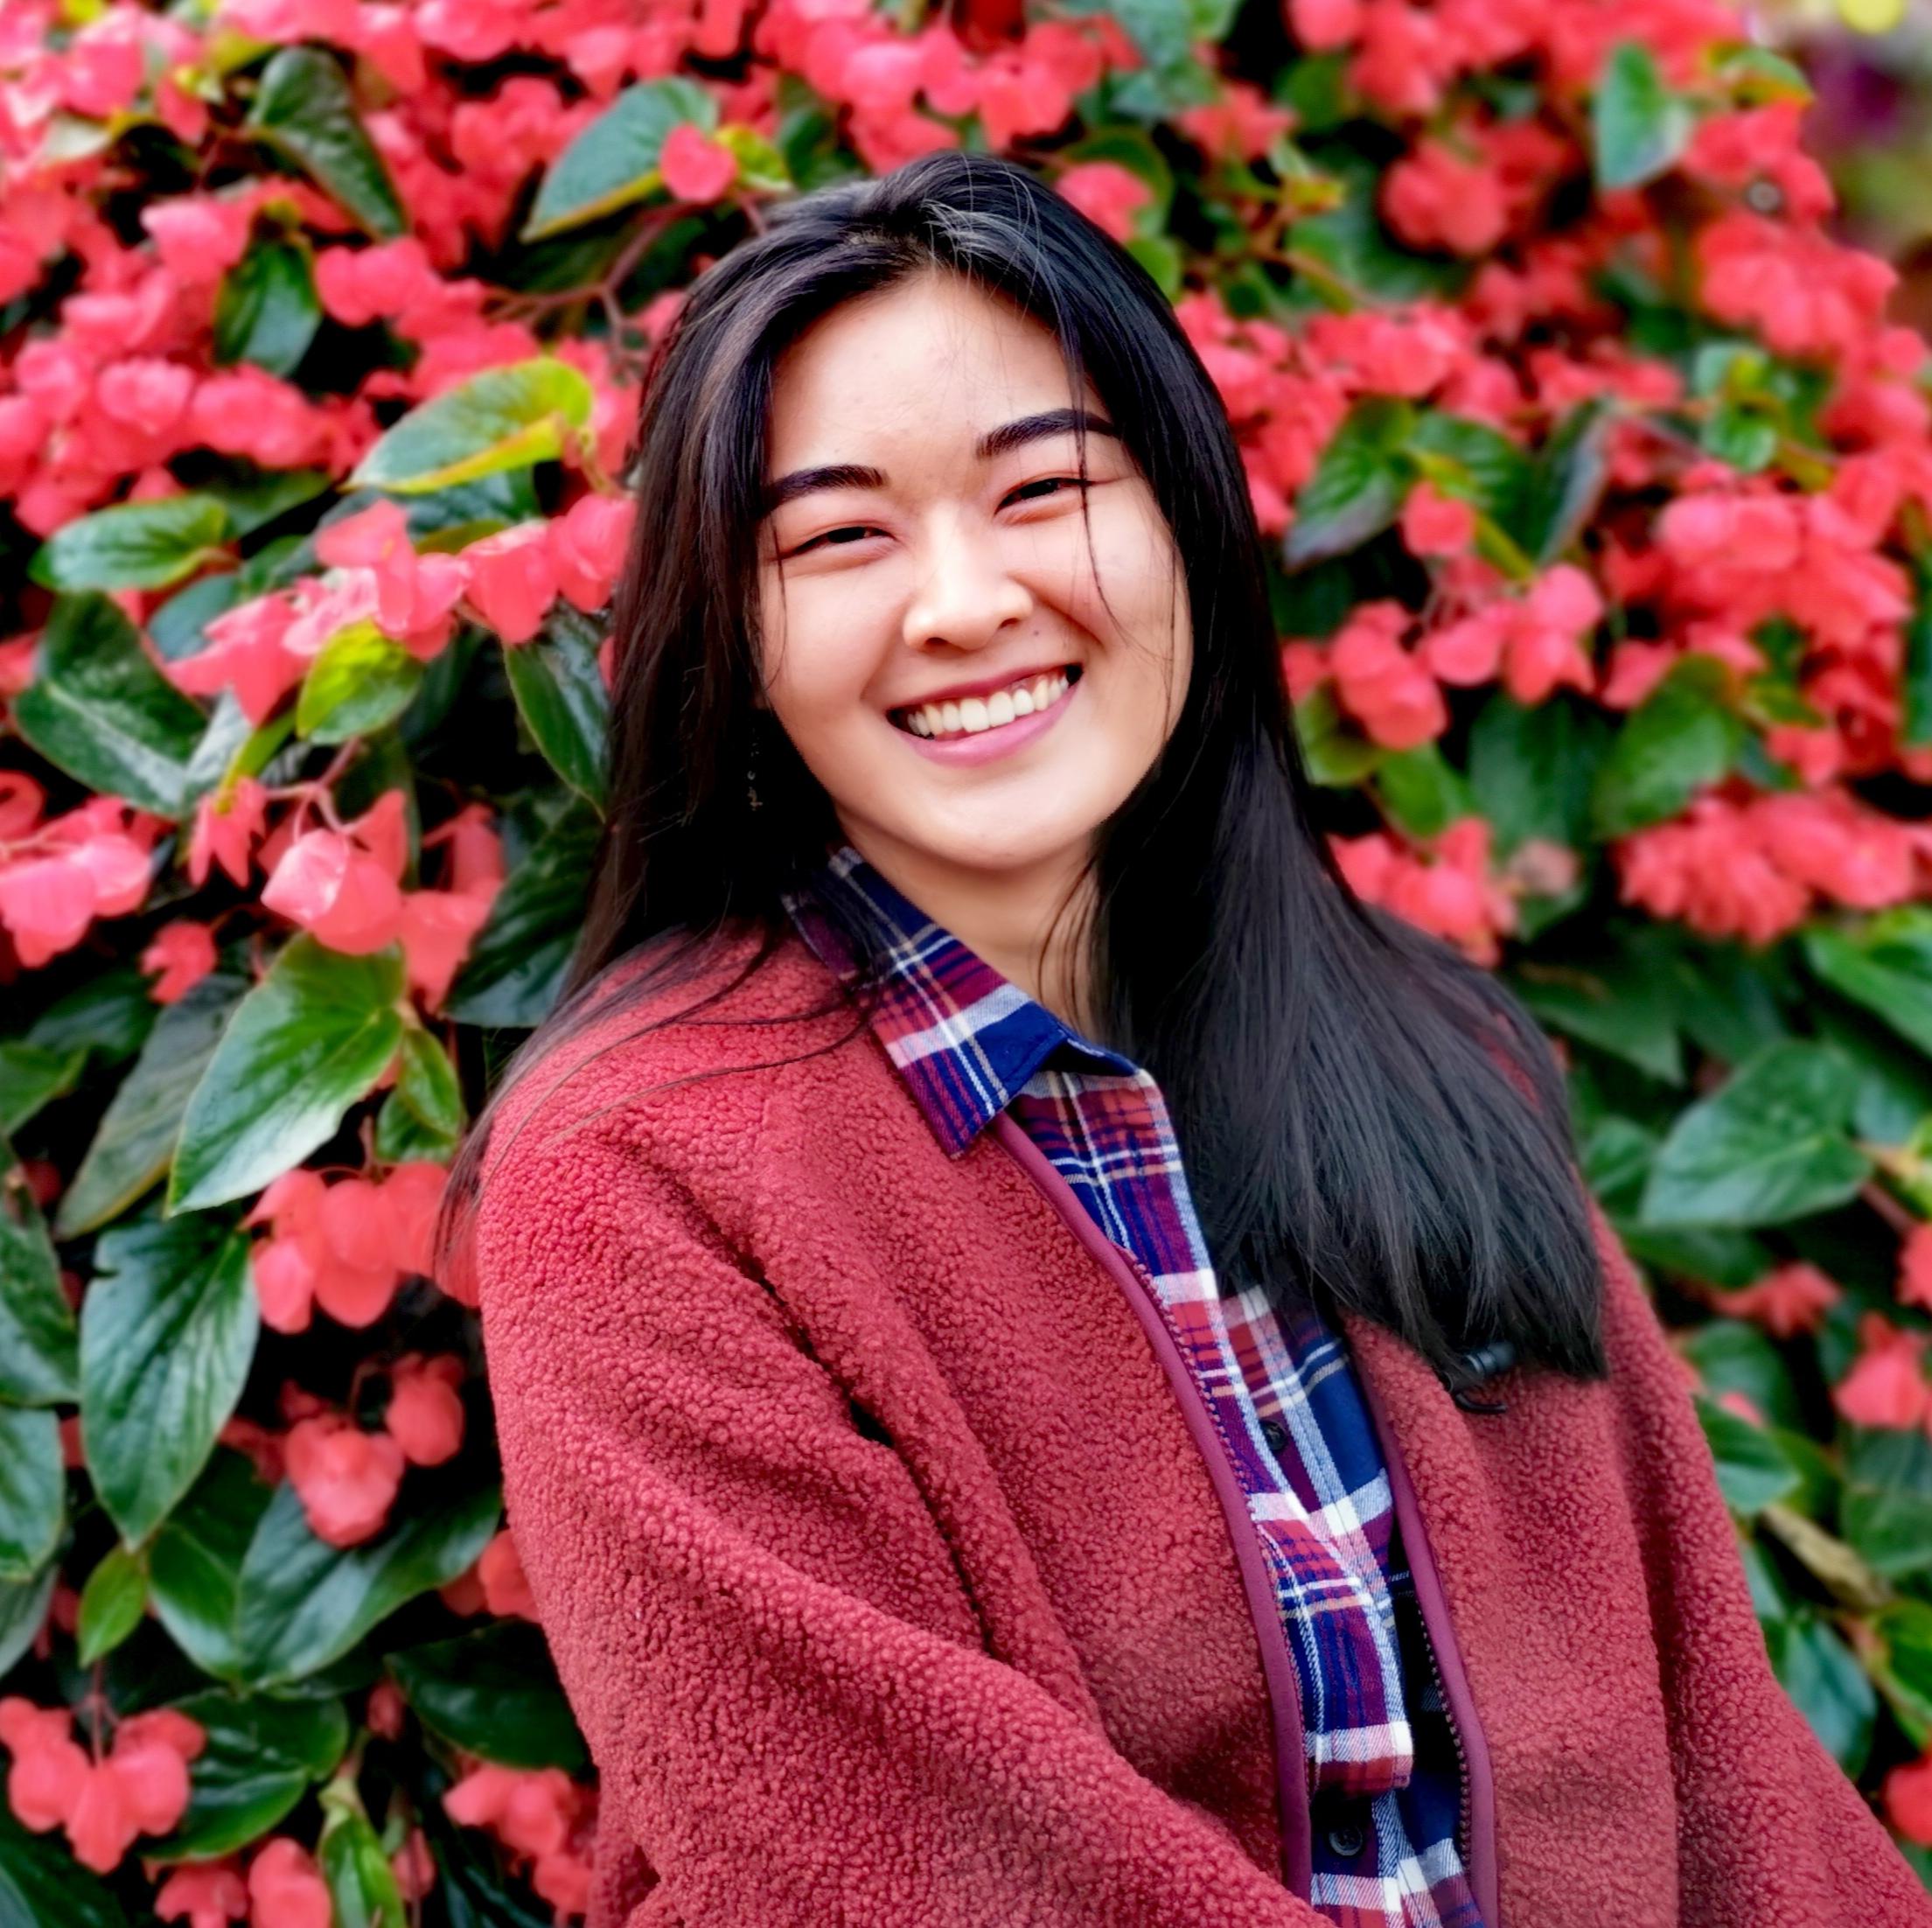 Jingmin Xia